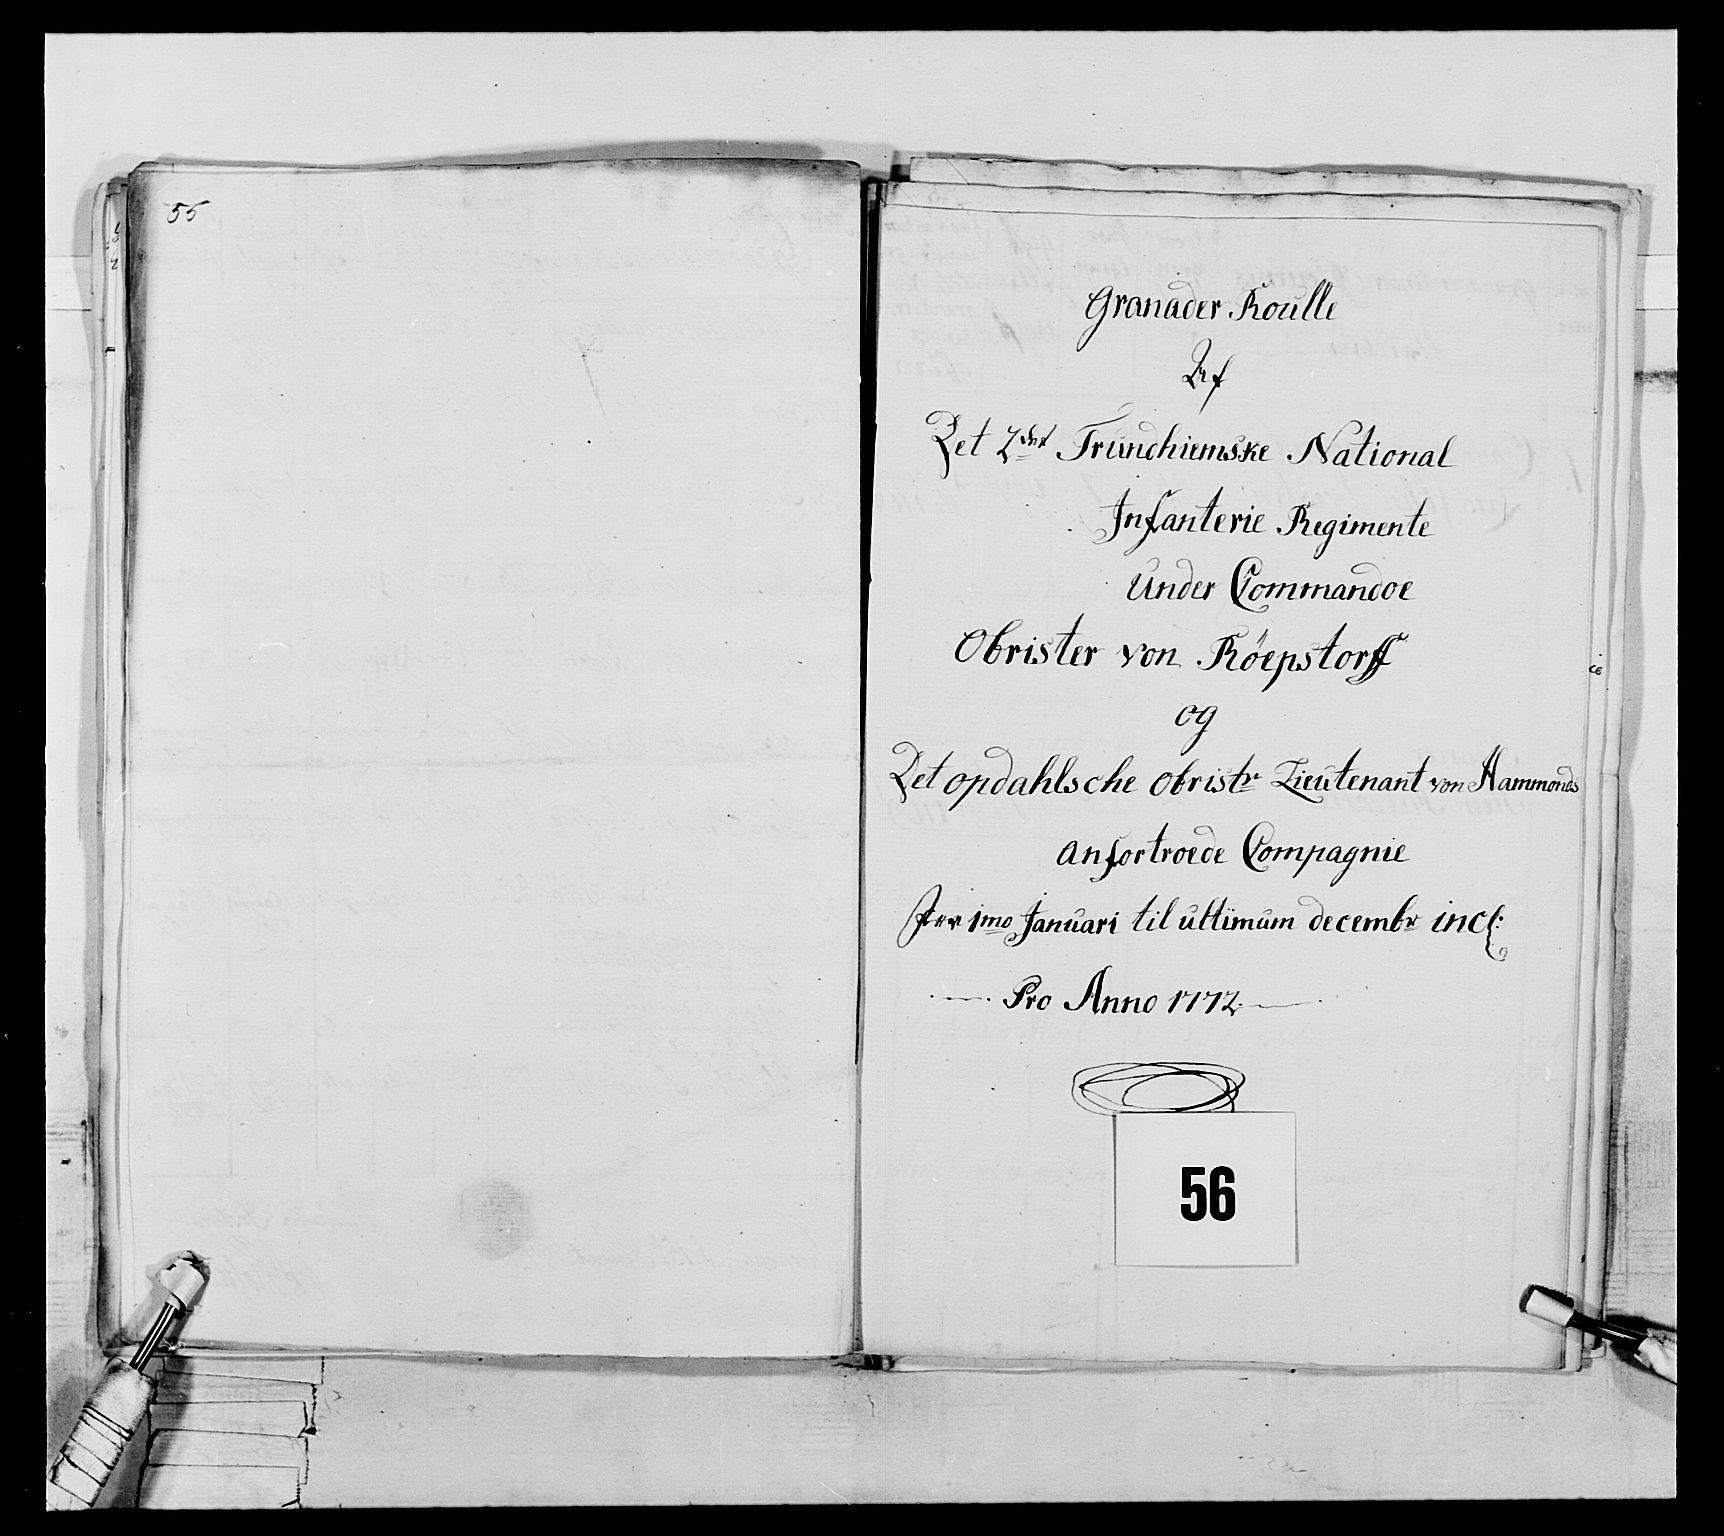 RA, Generalitets- og kommissariatskollegiet, Det kongelige norske kommissariatskollegium, E/Eh/L0076: 2. Trondheimske nasjonale infanteriregiment, 1766-1773, s. 191